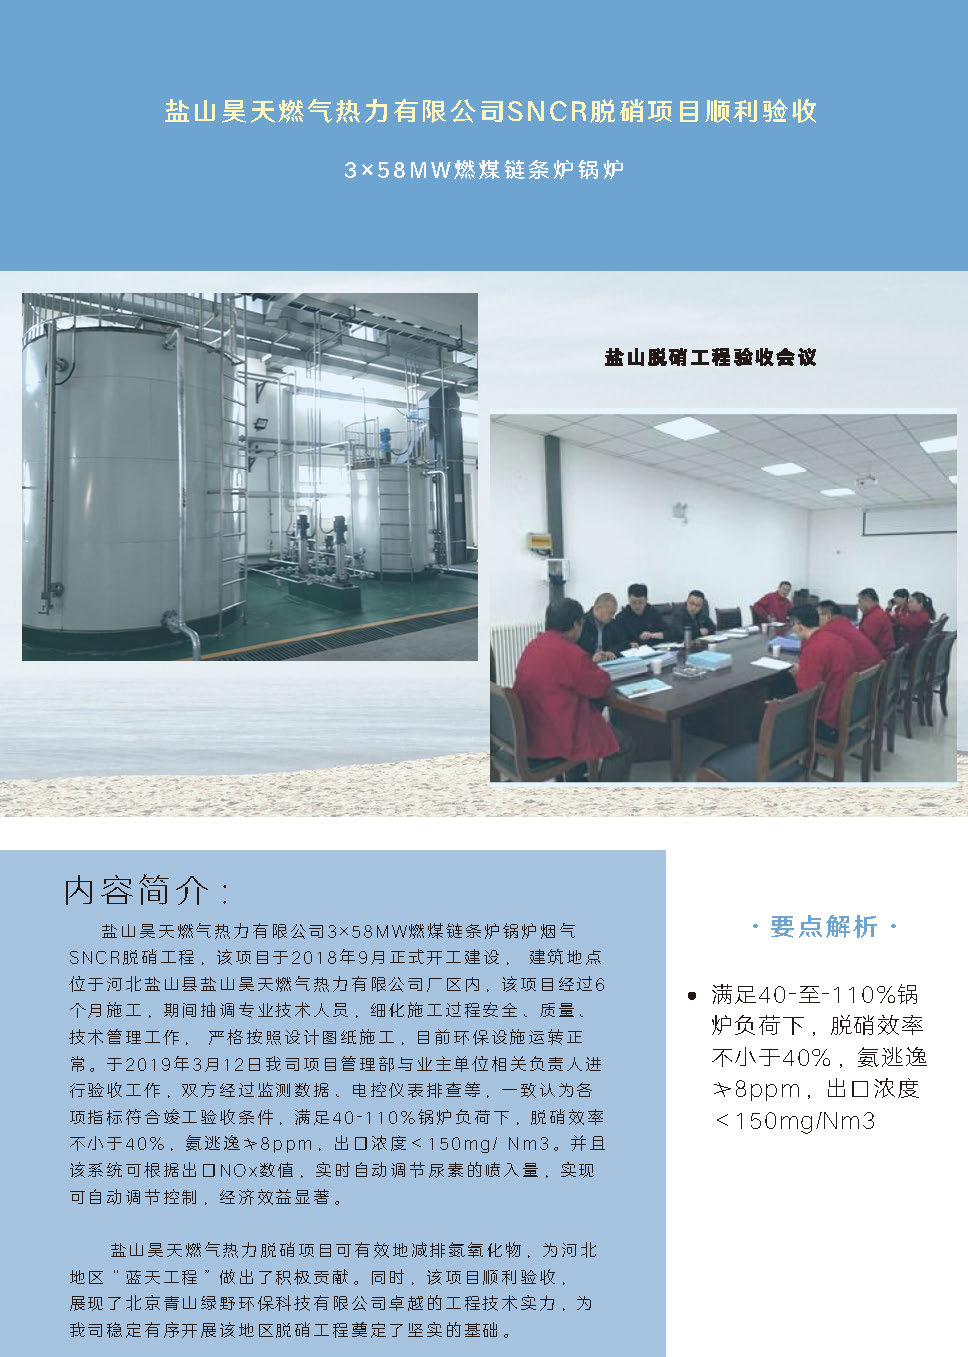 盐山昊天燃气热力有限公司SNCR脱硝项目顺利验收